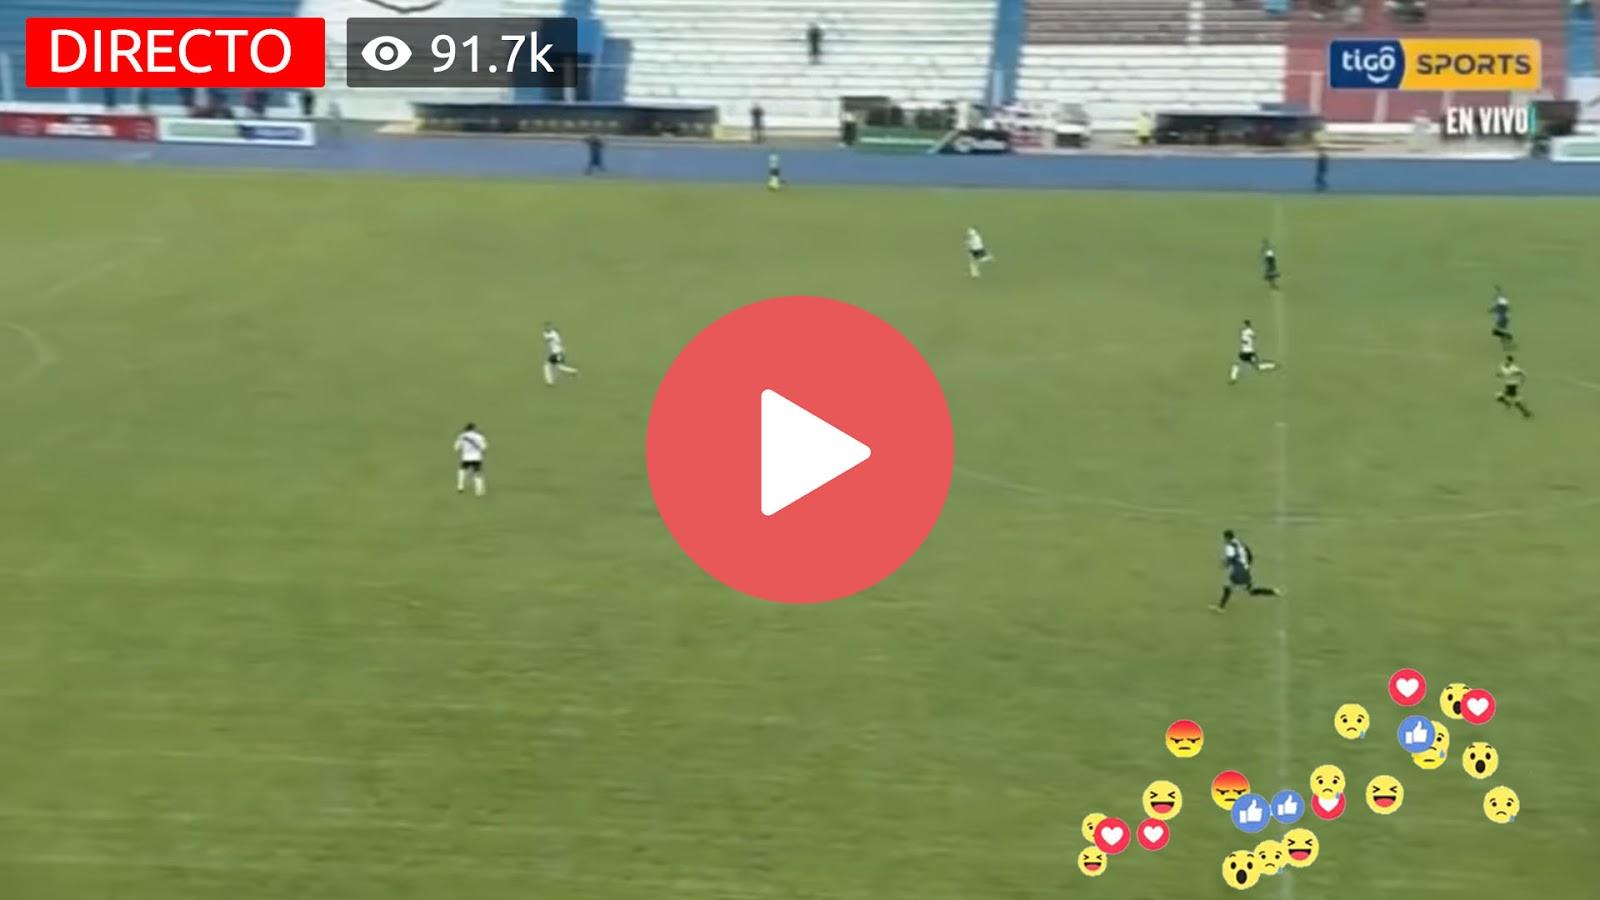 Image Result For Ao Vivo Vs Streaming En Vivo Online Video Goals